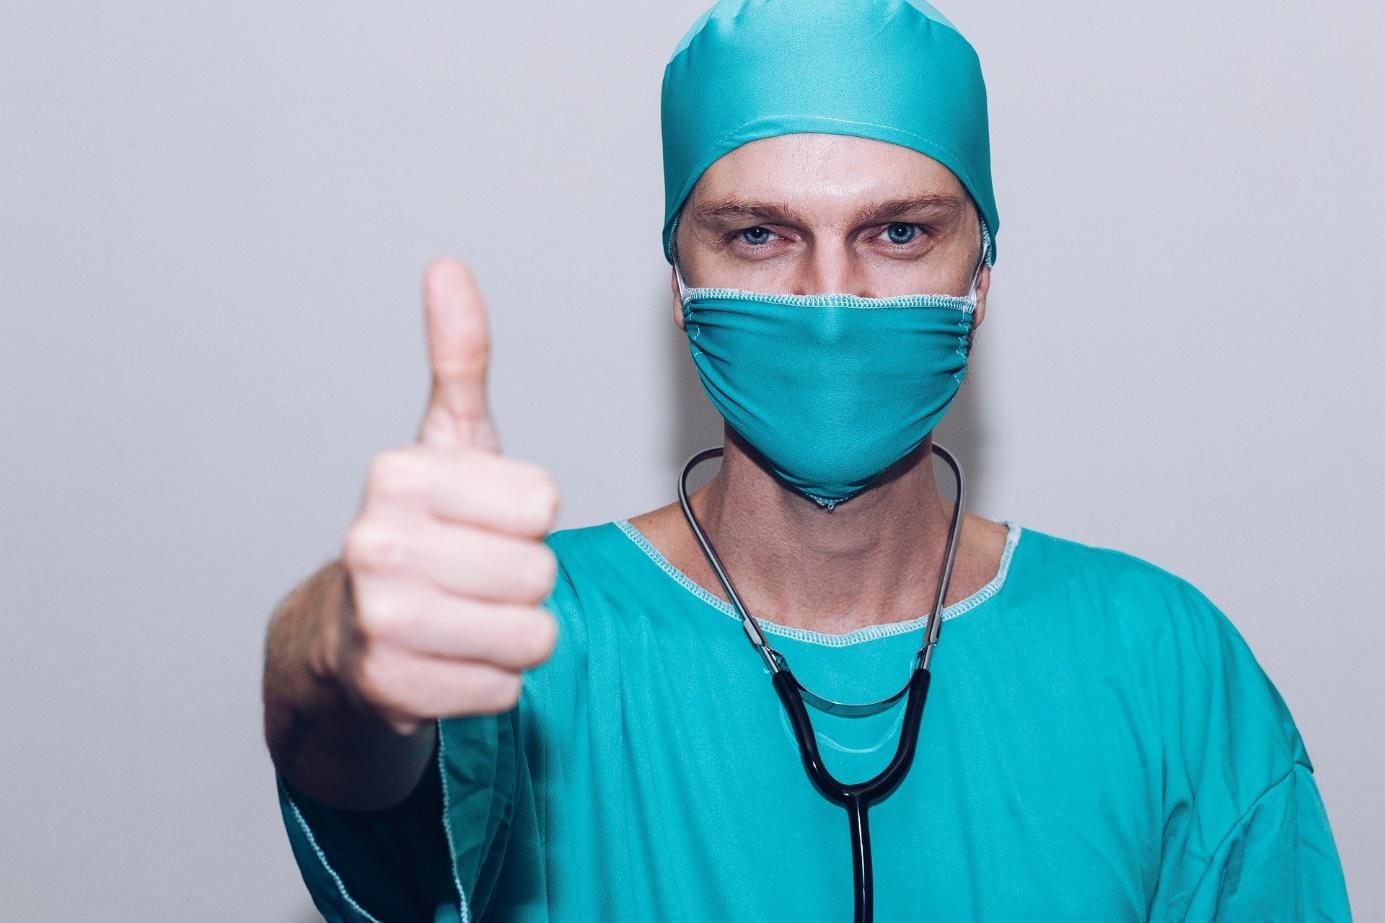 Conseils pour le choix d'un chirurgien de lifting